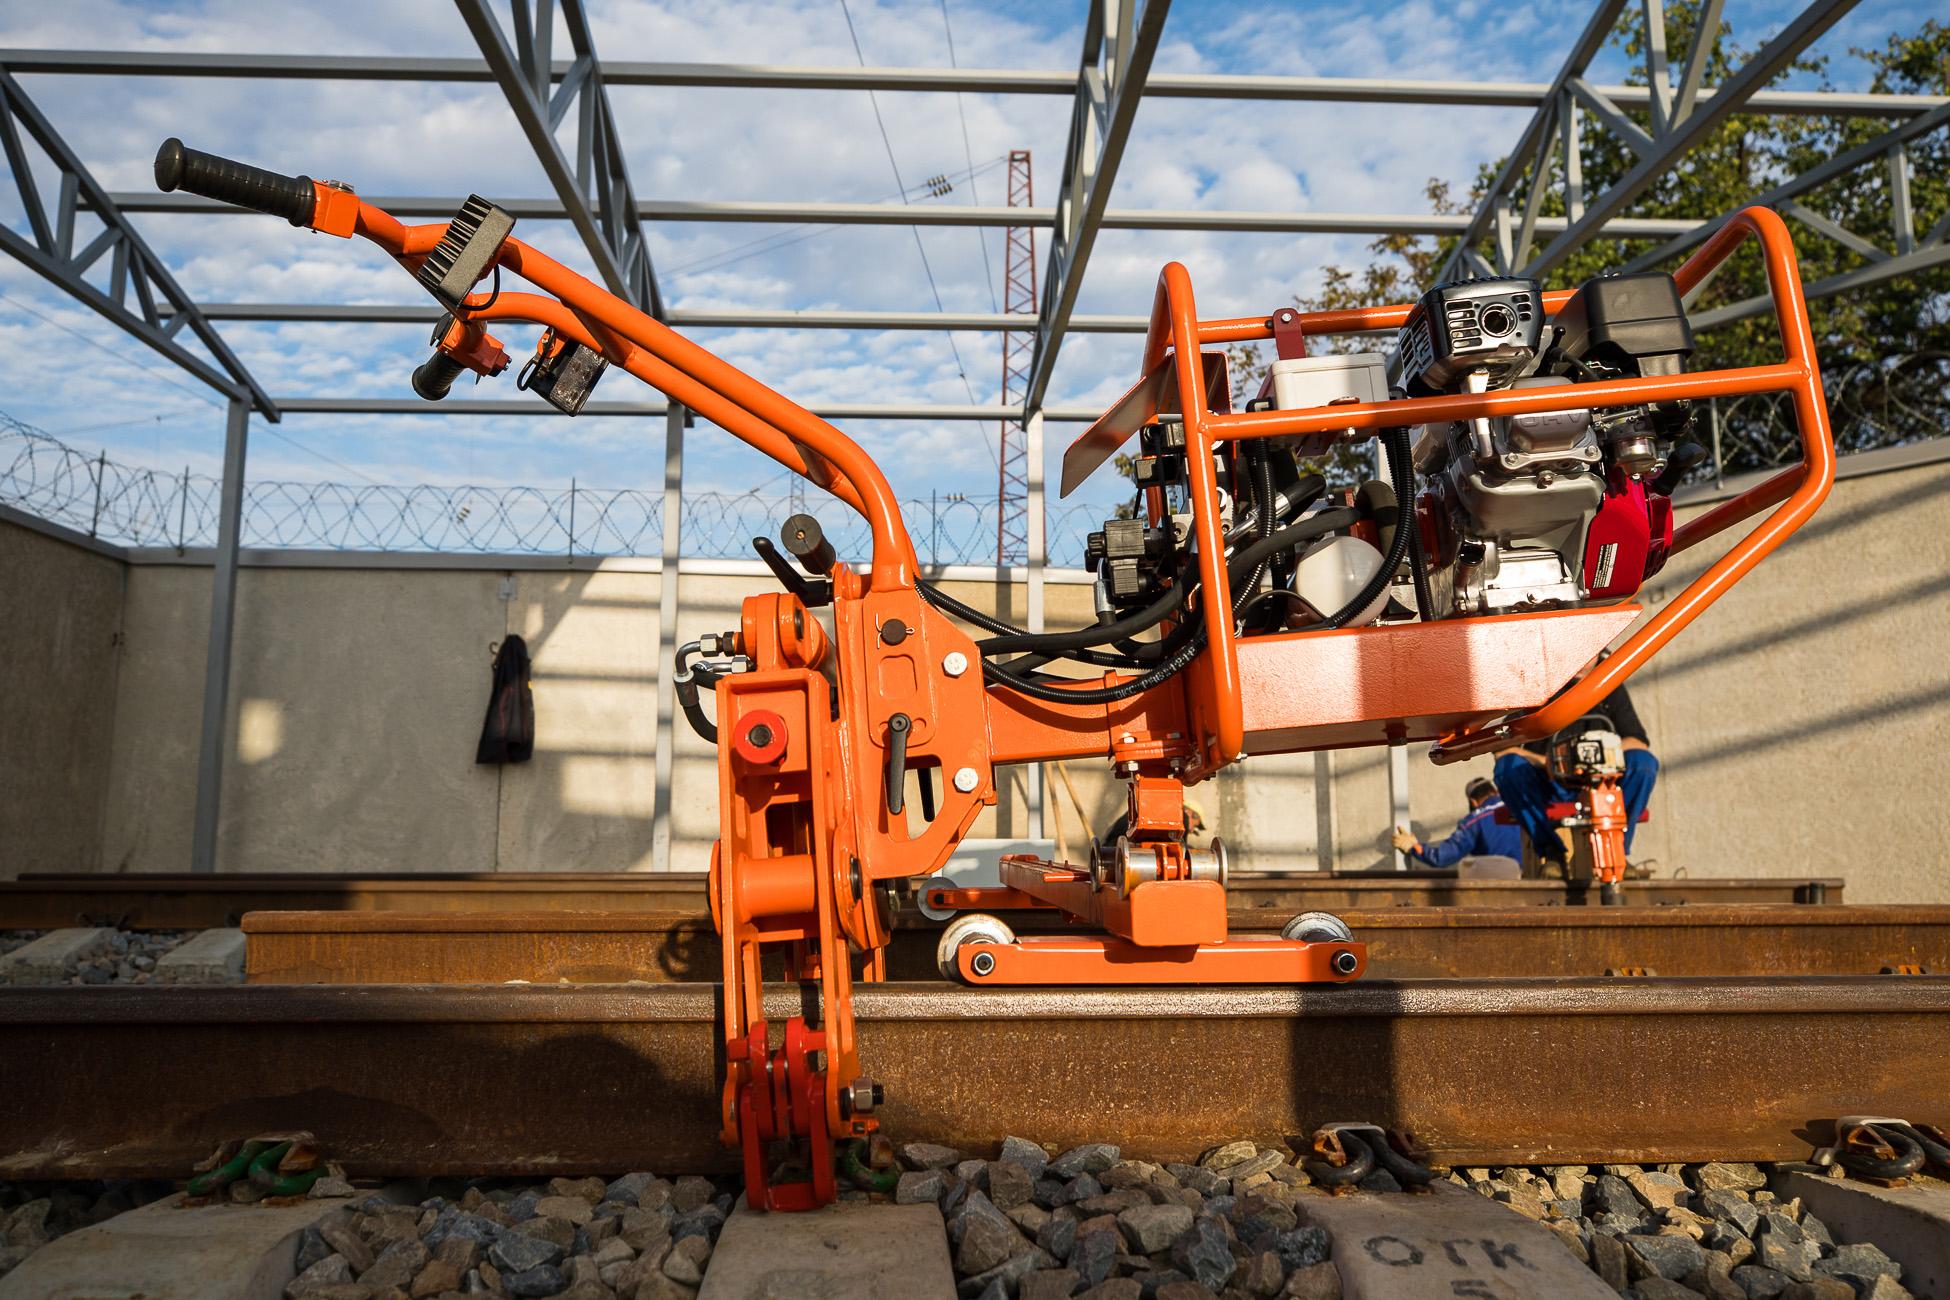 Машина ММД для обслуживания скреплений Пандрол-350 и работники РЖД